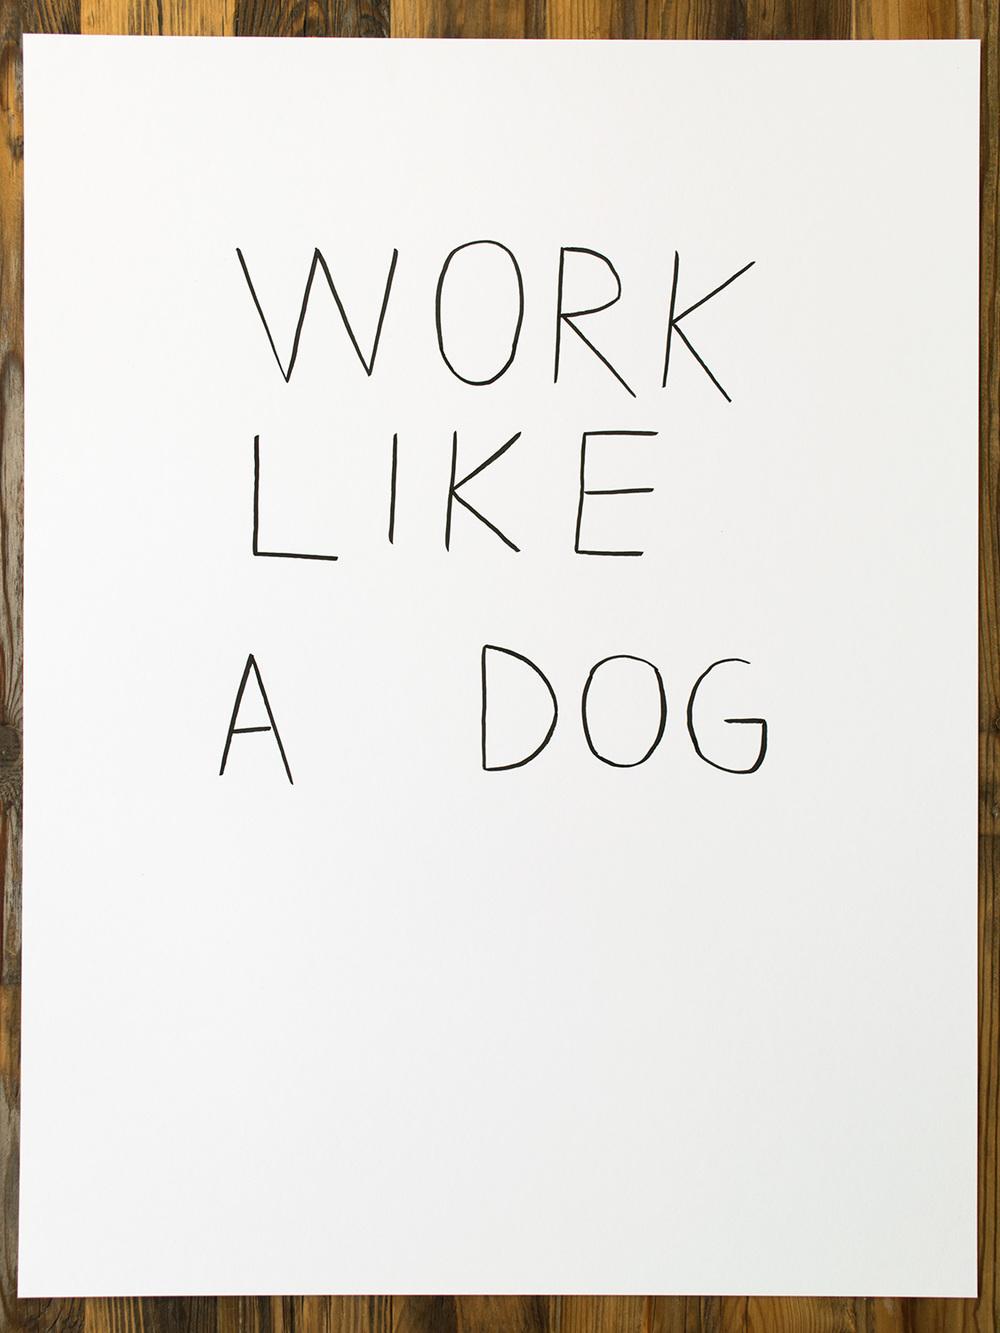 work_like_a_dog-1500x1125.jpg